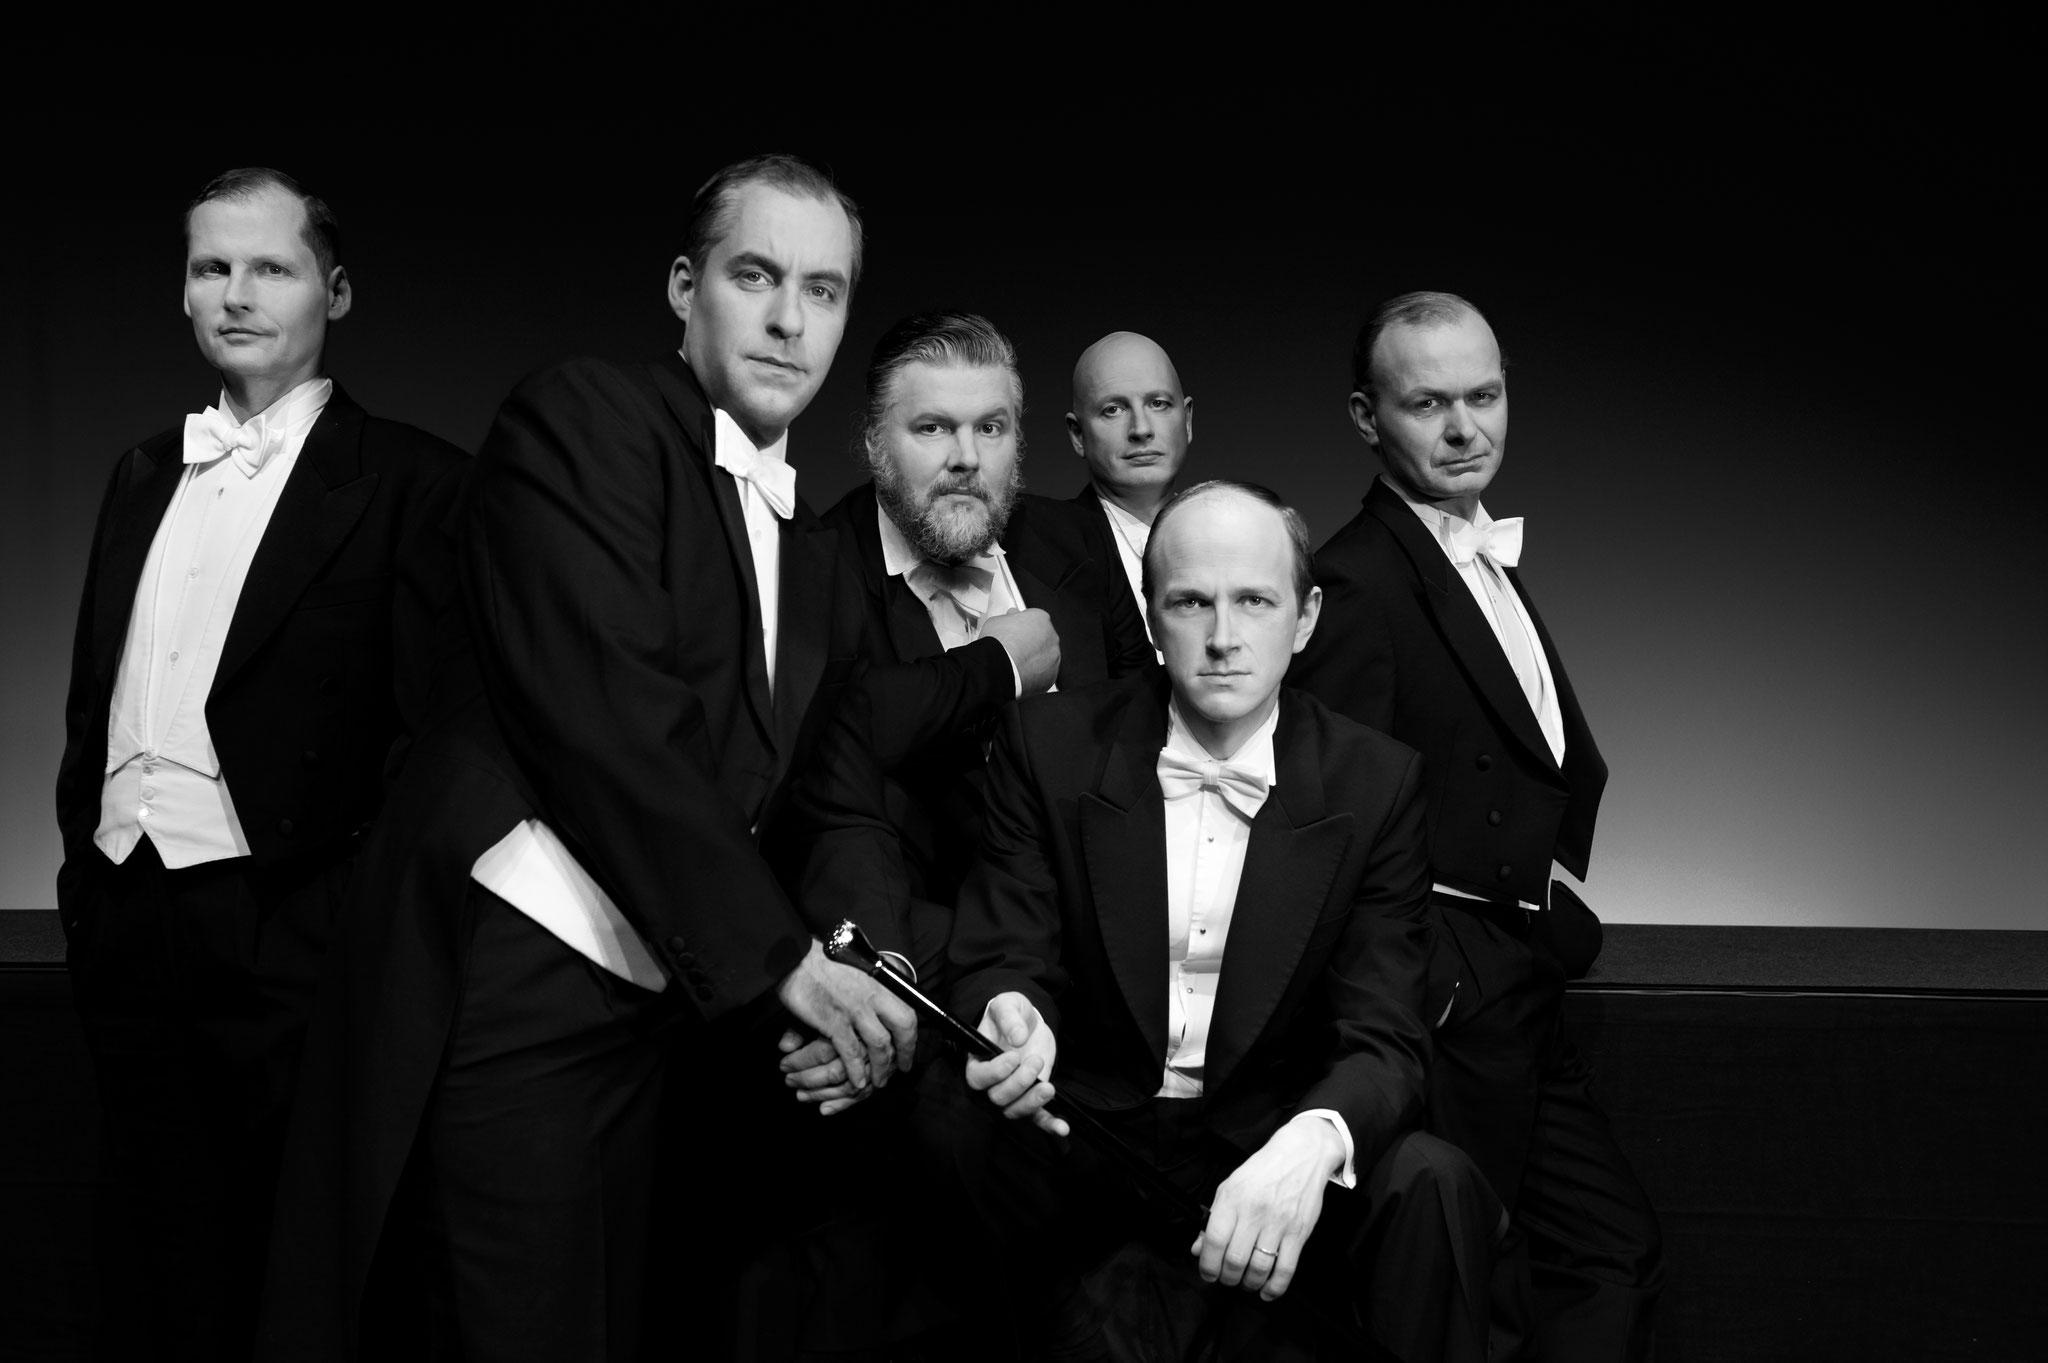 Tipp 7: Sa, 16.11., 20 Uhr: Die Comedian Harmonists Today geben ein Konzert im Freizeitforum Marzahn © Anna Yve